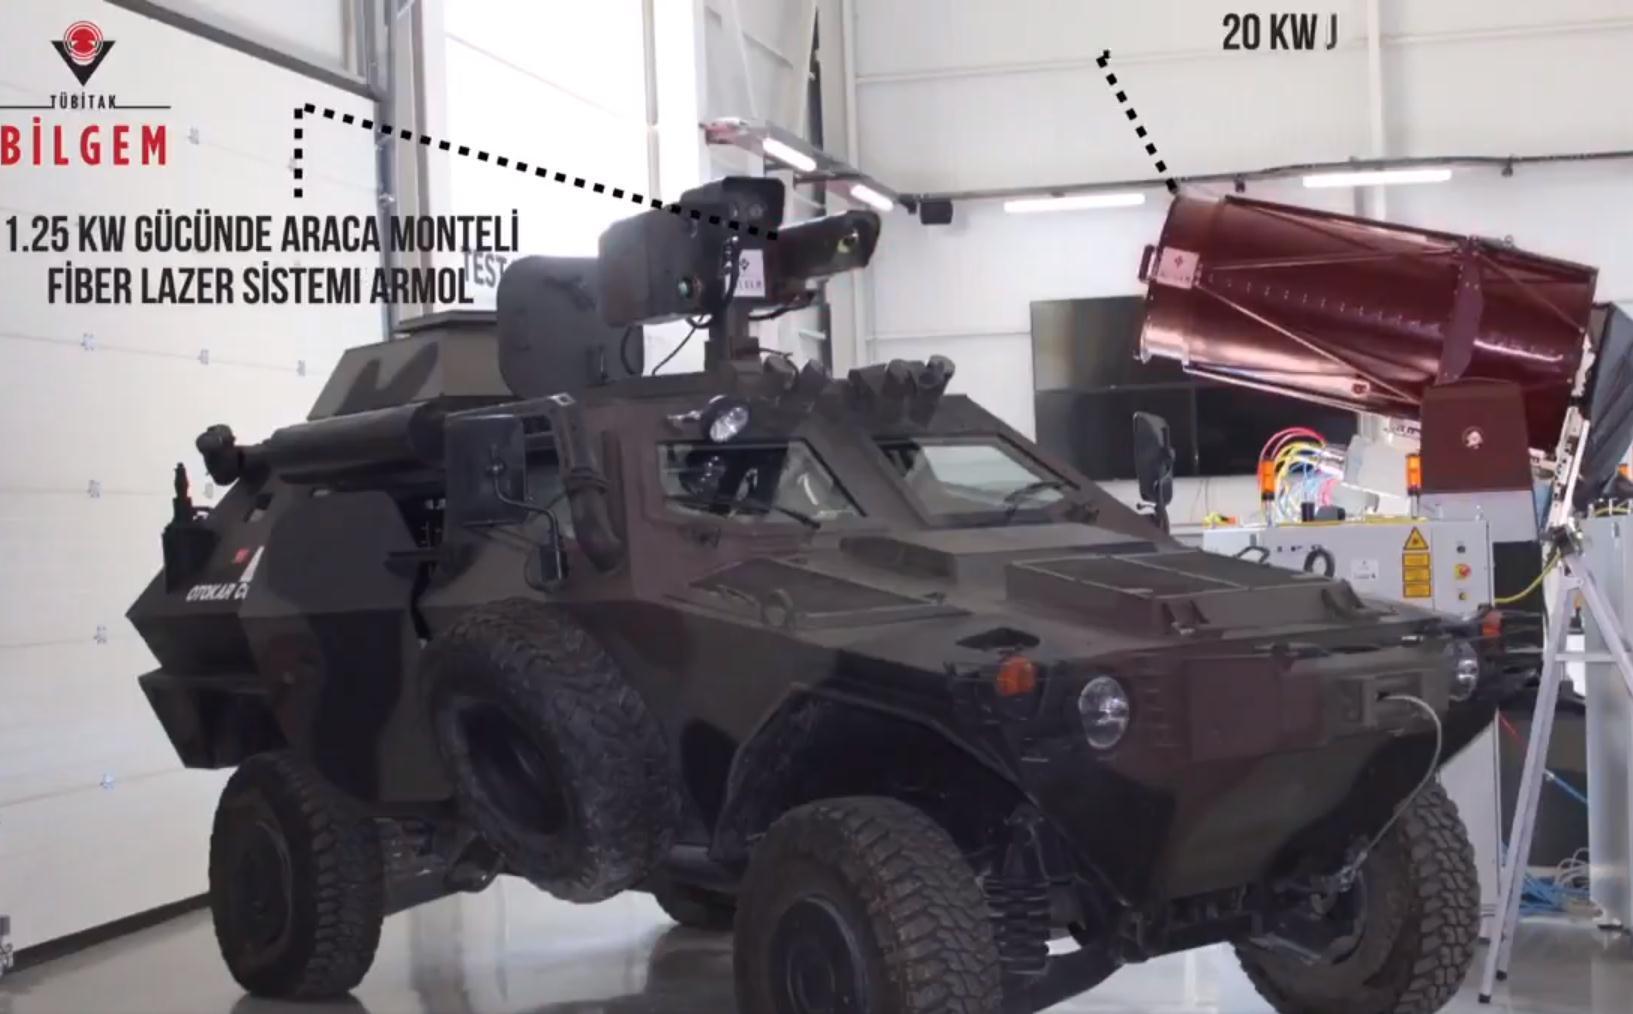 土耳其公布新型激光武器系统,可在500米之外轻松穿透22毫米钢板